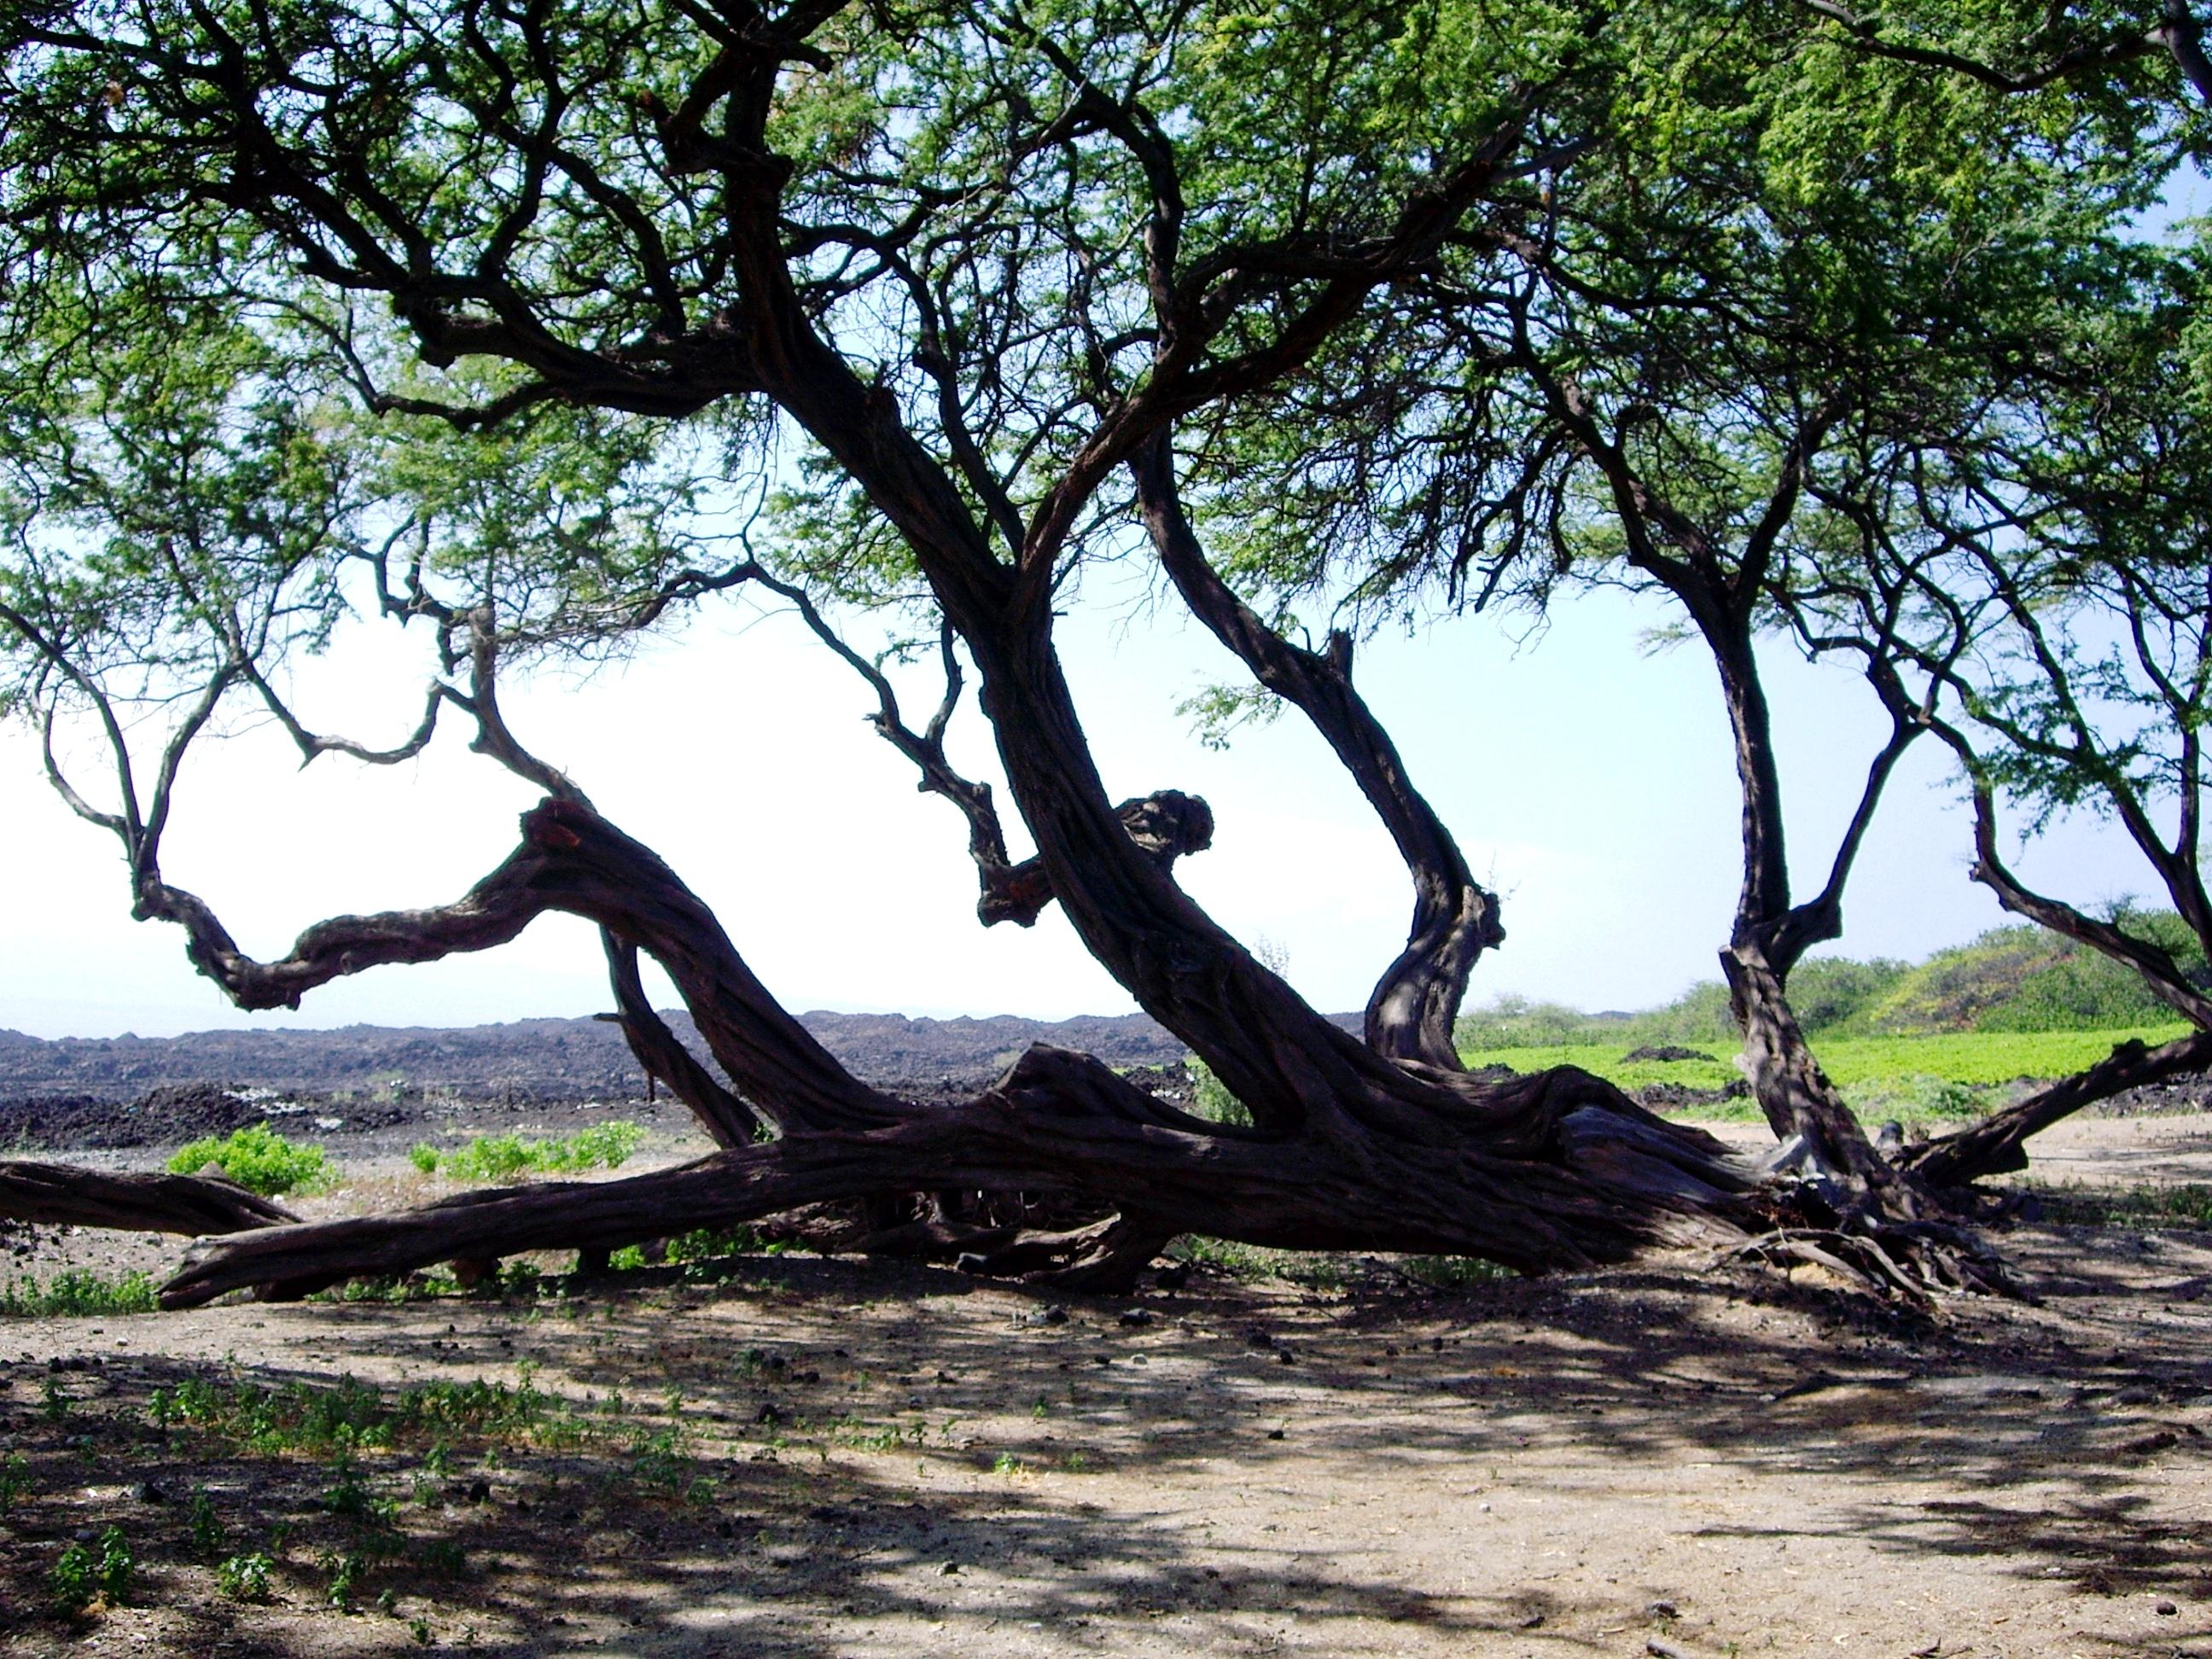 Kona Branches, Hawaii